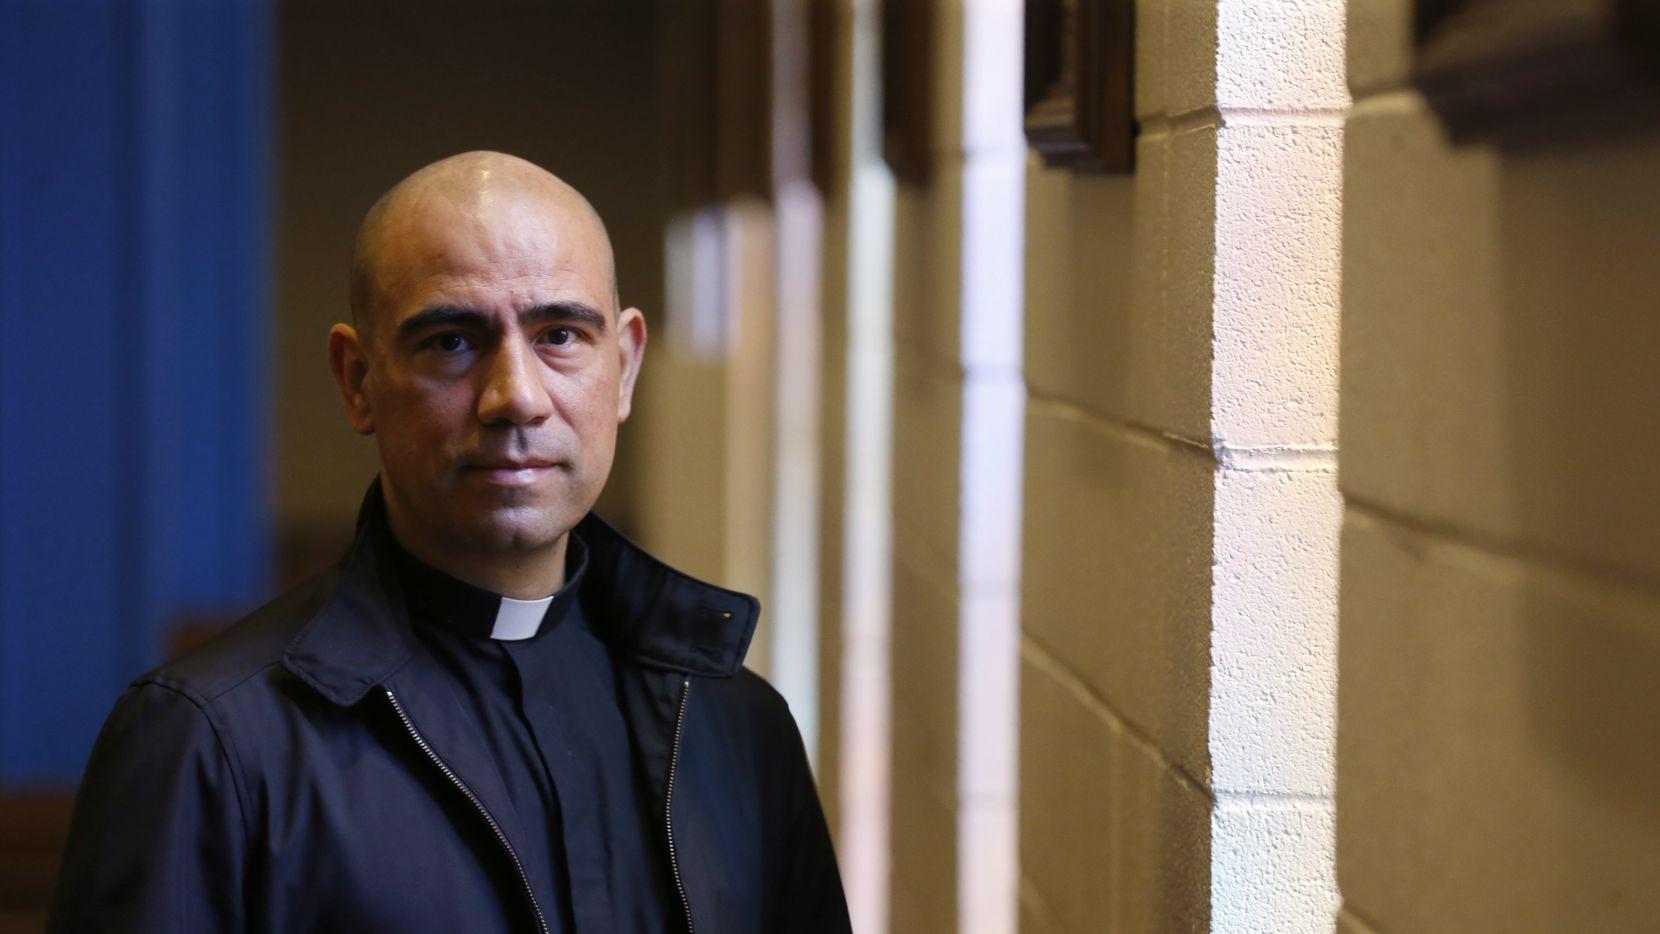 El padre Jesús Belmontes, quien ha estado al frente de la parroquia de San Juan Diego por más de 12 años, fue nombrado nuevo rector de la Catedral de Guadalupe, en Dallas.